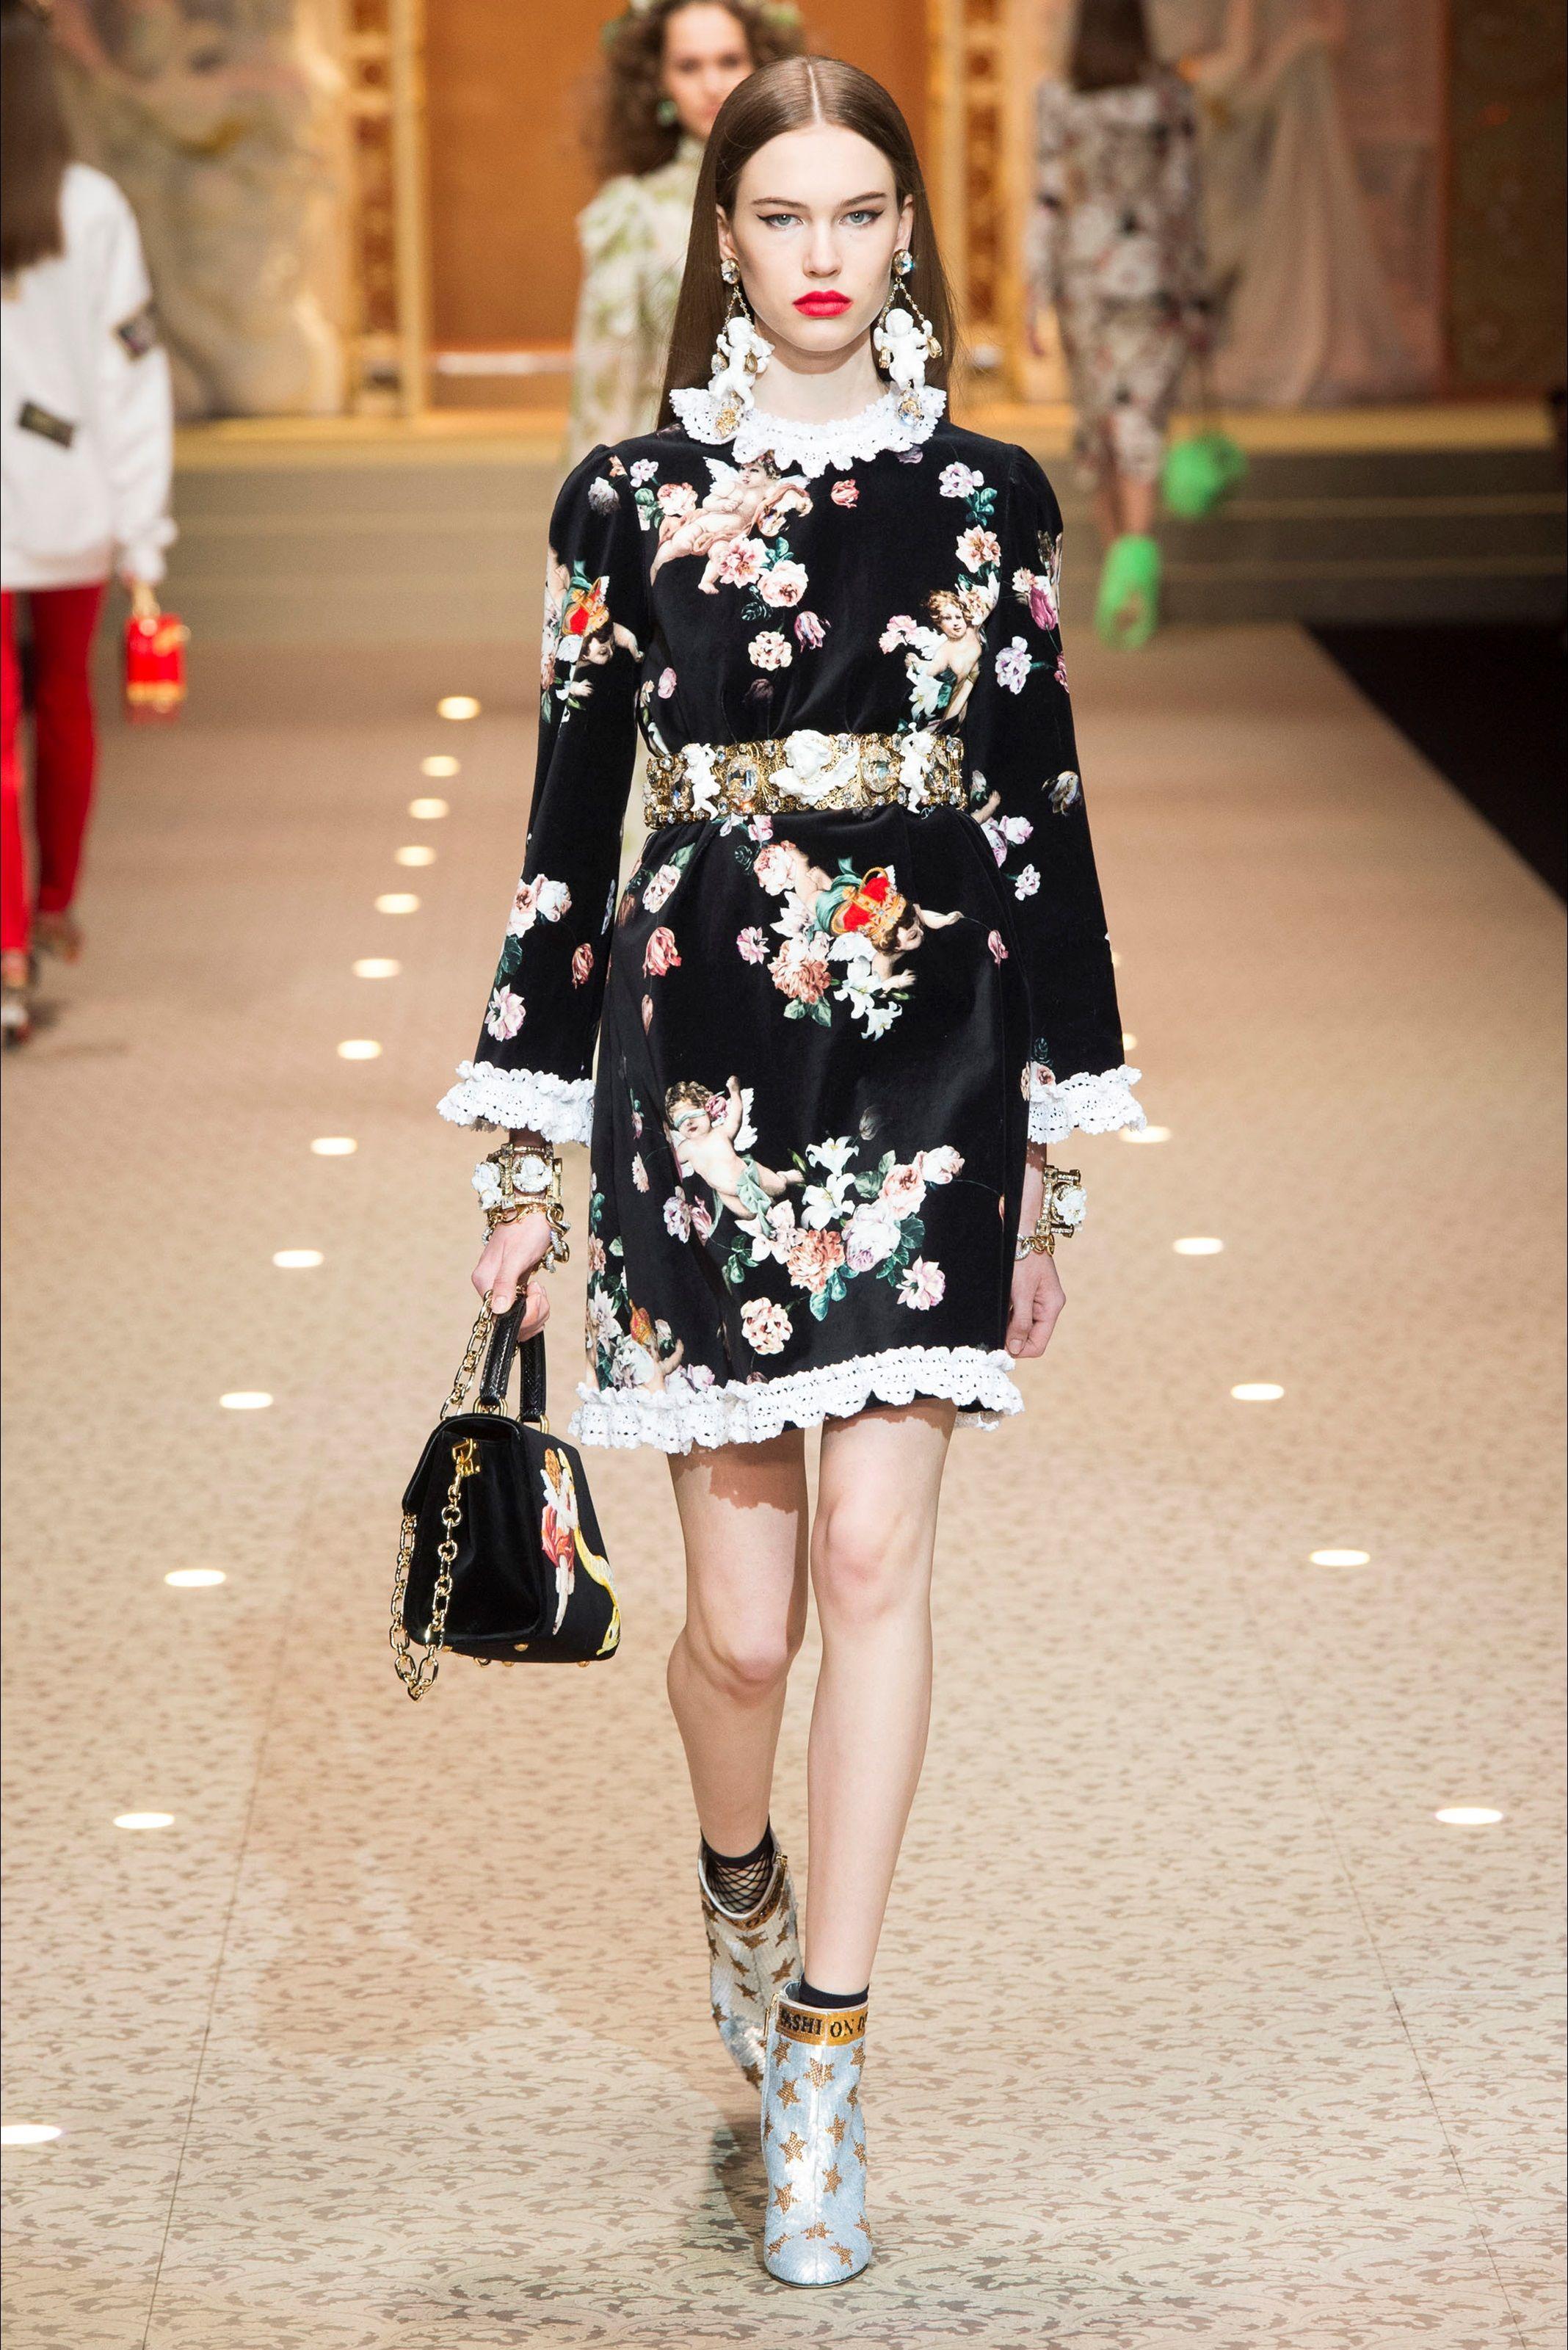 531ea8d0ecc7 Guarda la sfilata di moda Dolce   Gabbana a Milano e scopri la collezione di  abiti e accessori per la stagione Collezioni Autunno Inverno 2018-19.